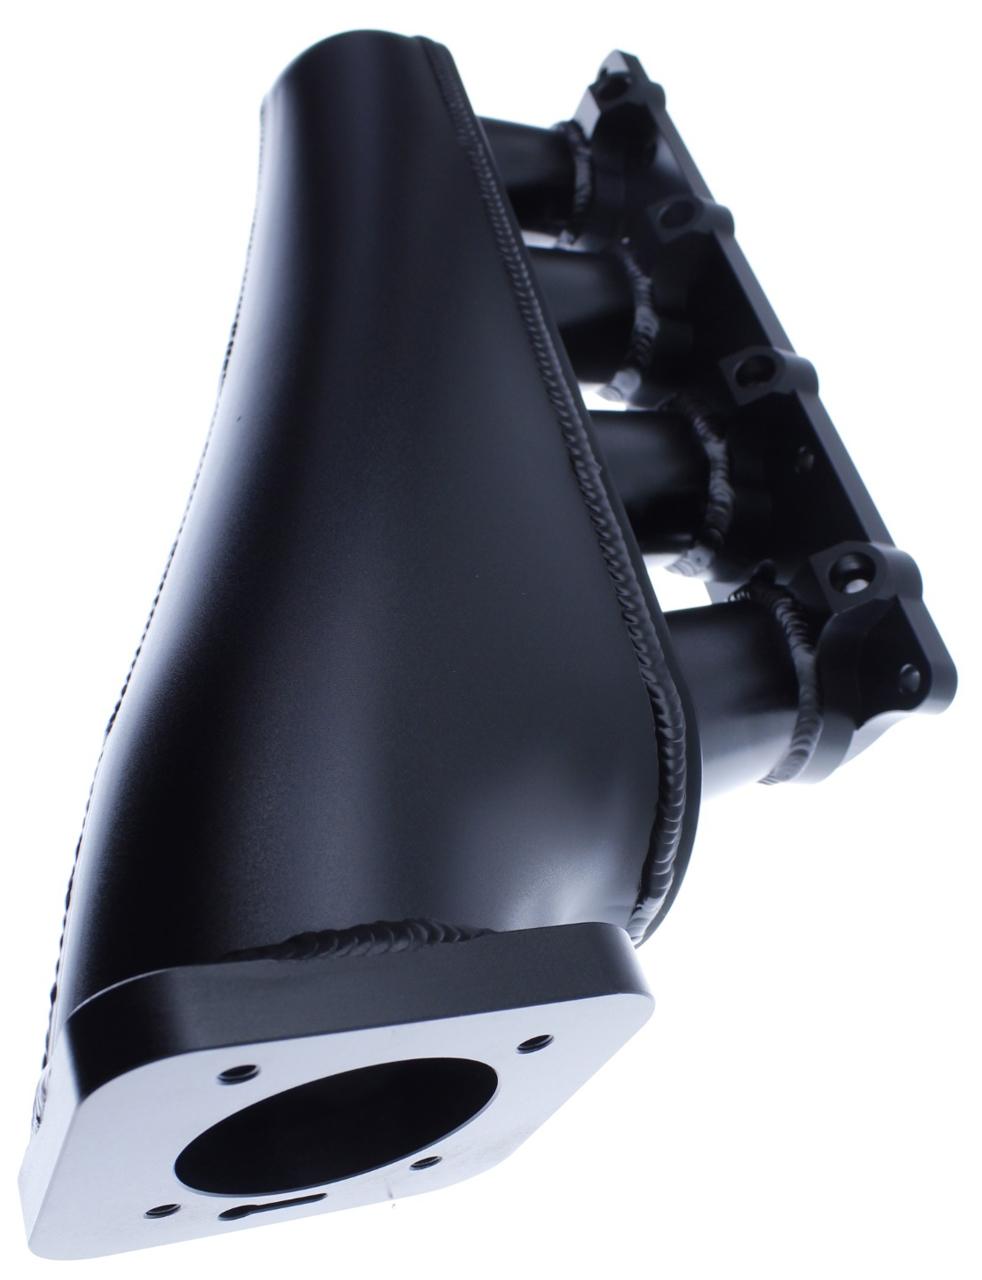 Bilde av Honda K20 - Intak manifold